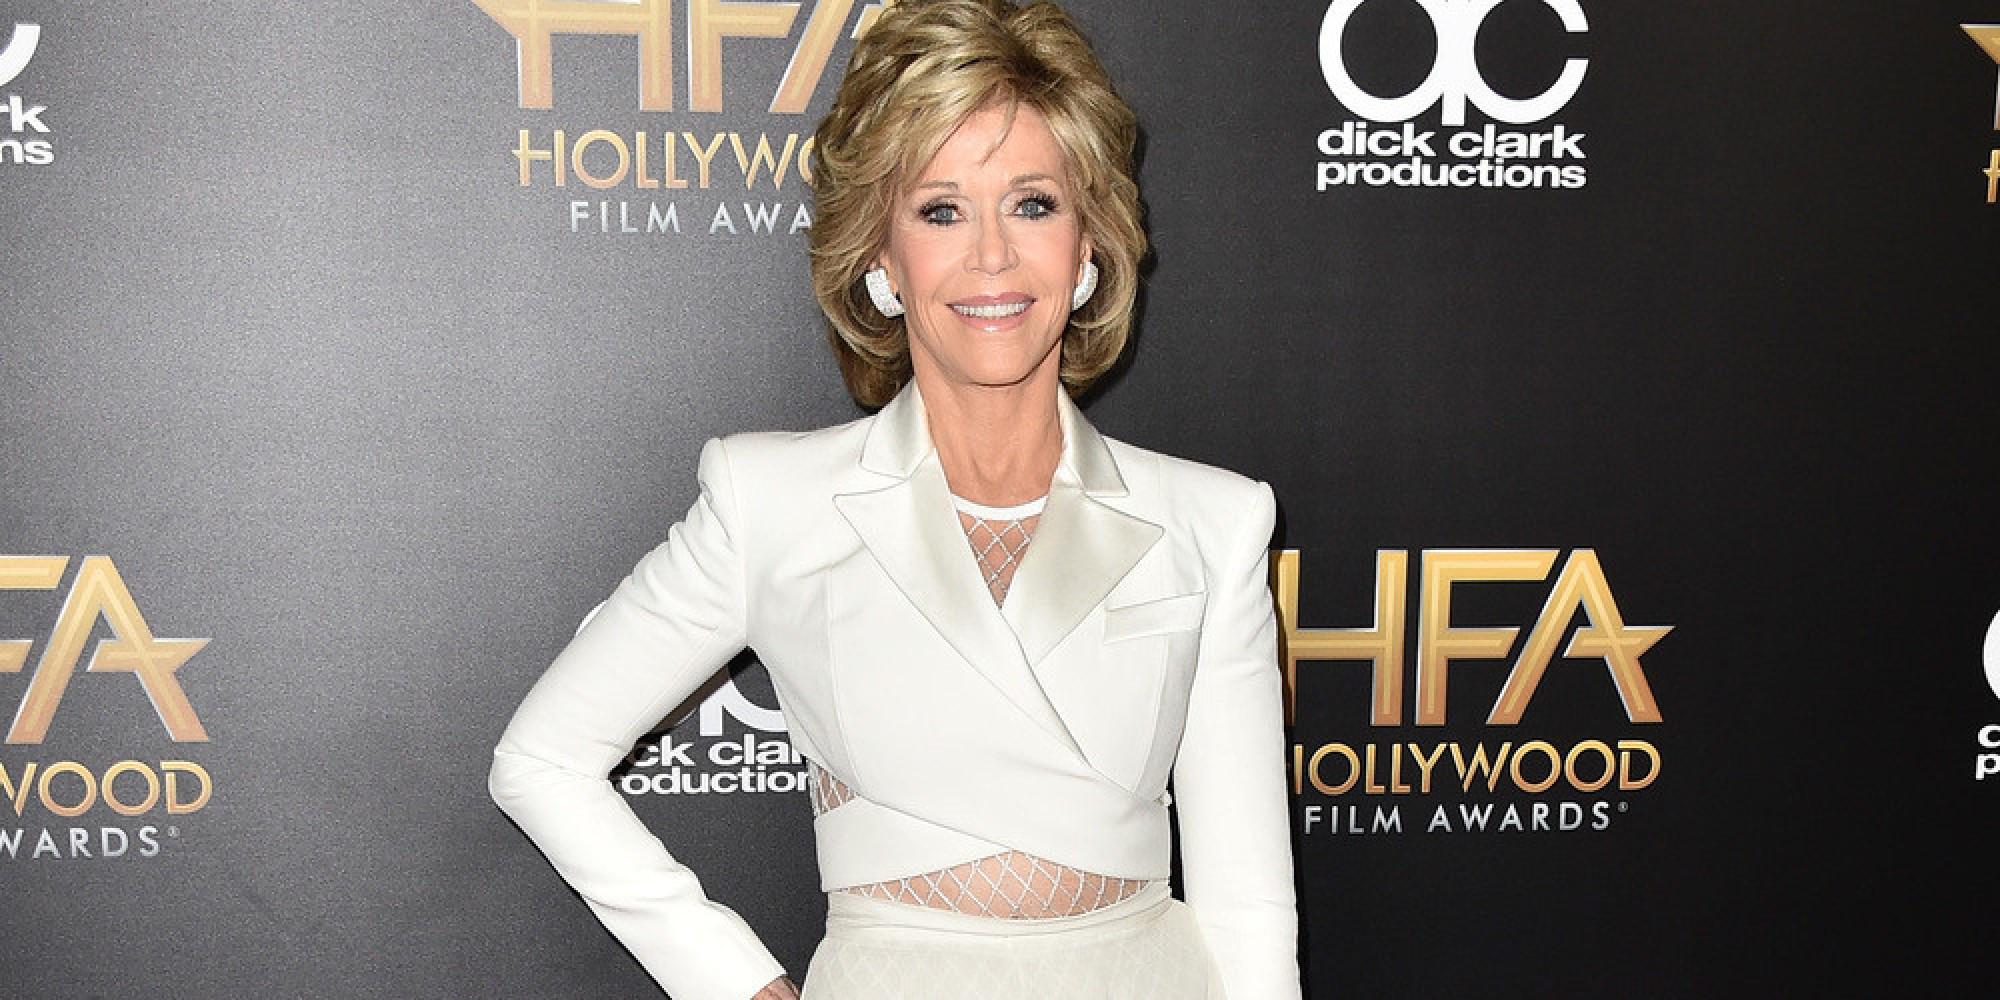 Jane Fonda machte bei den Hollywood Awards keine gute Figur